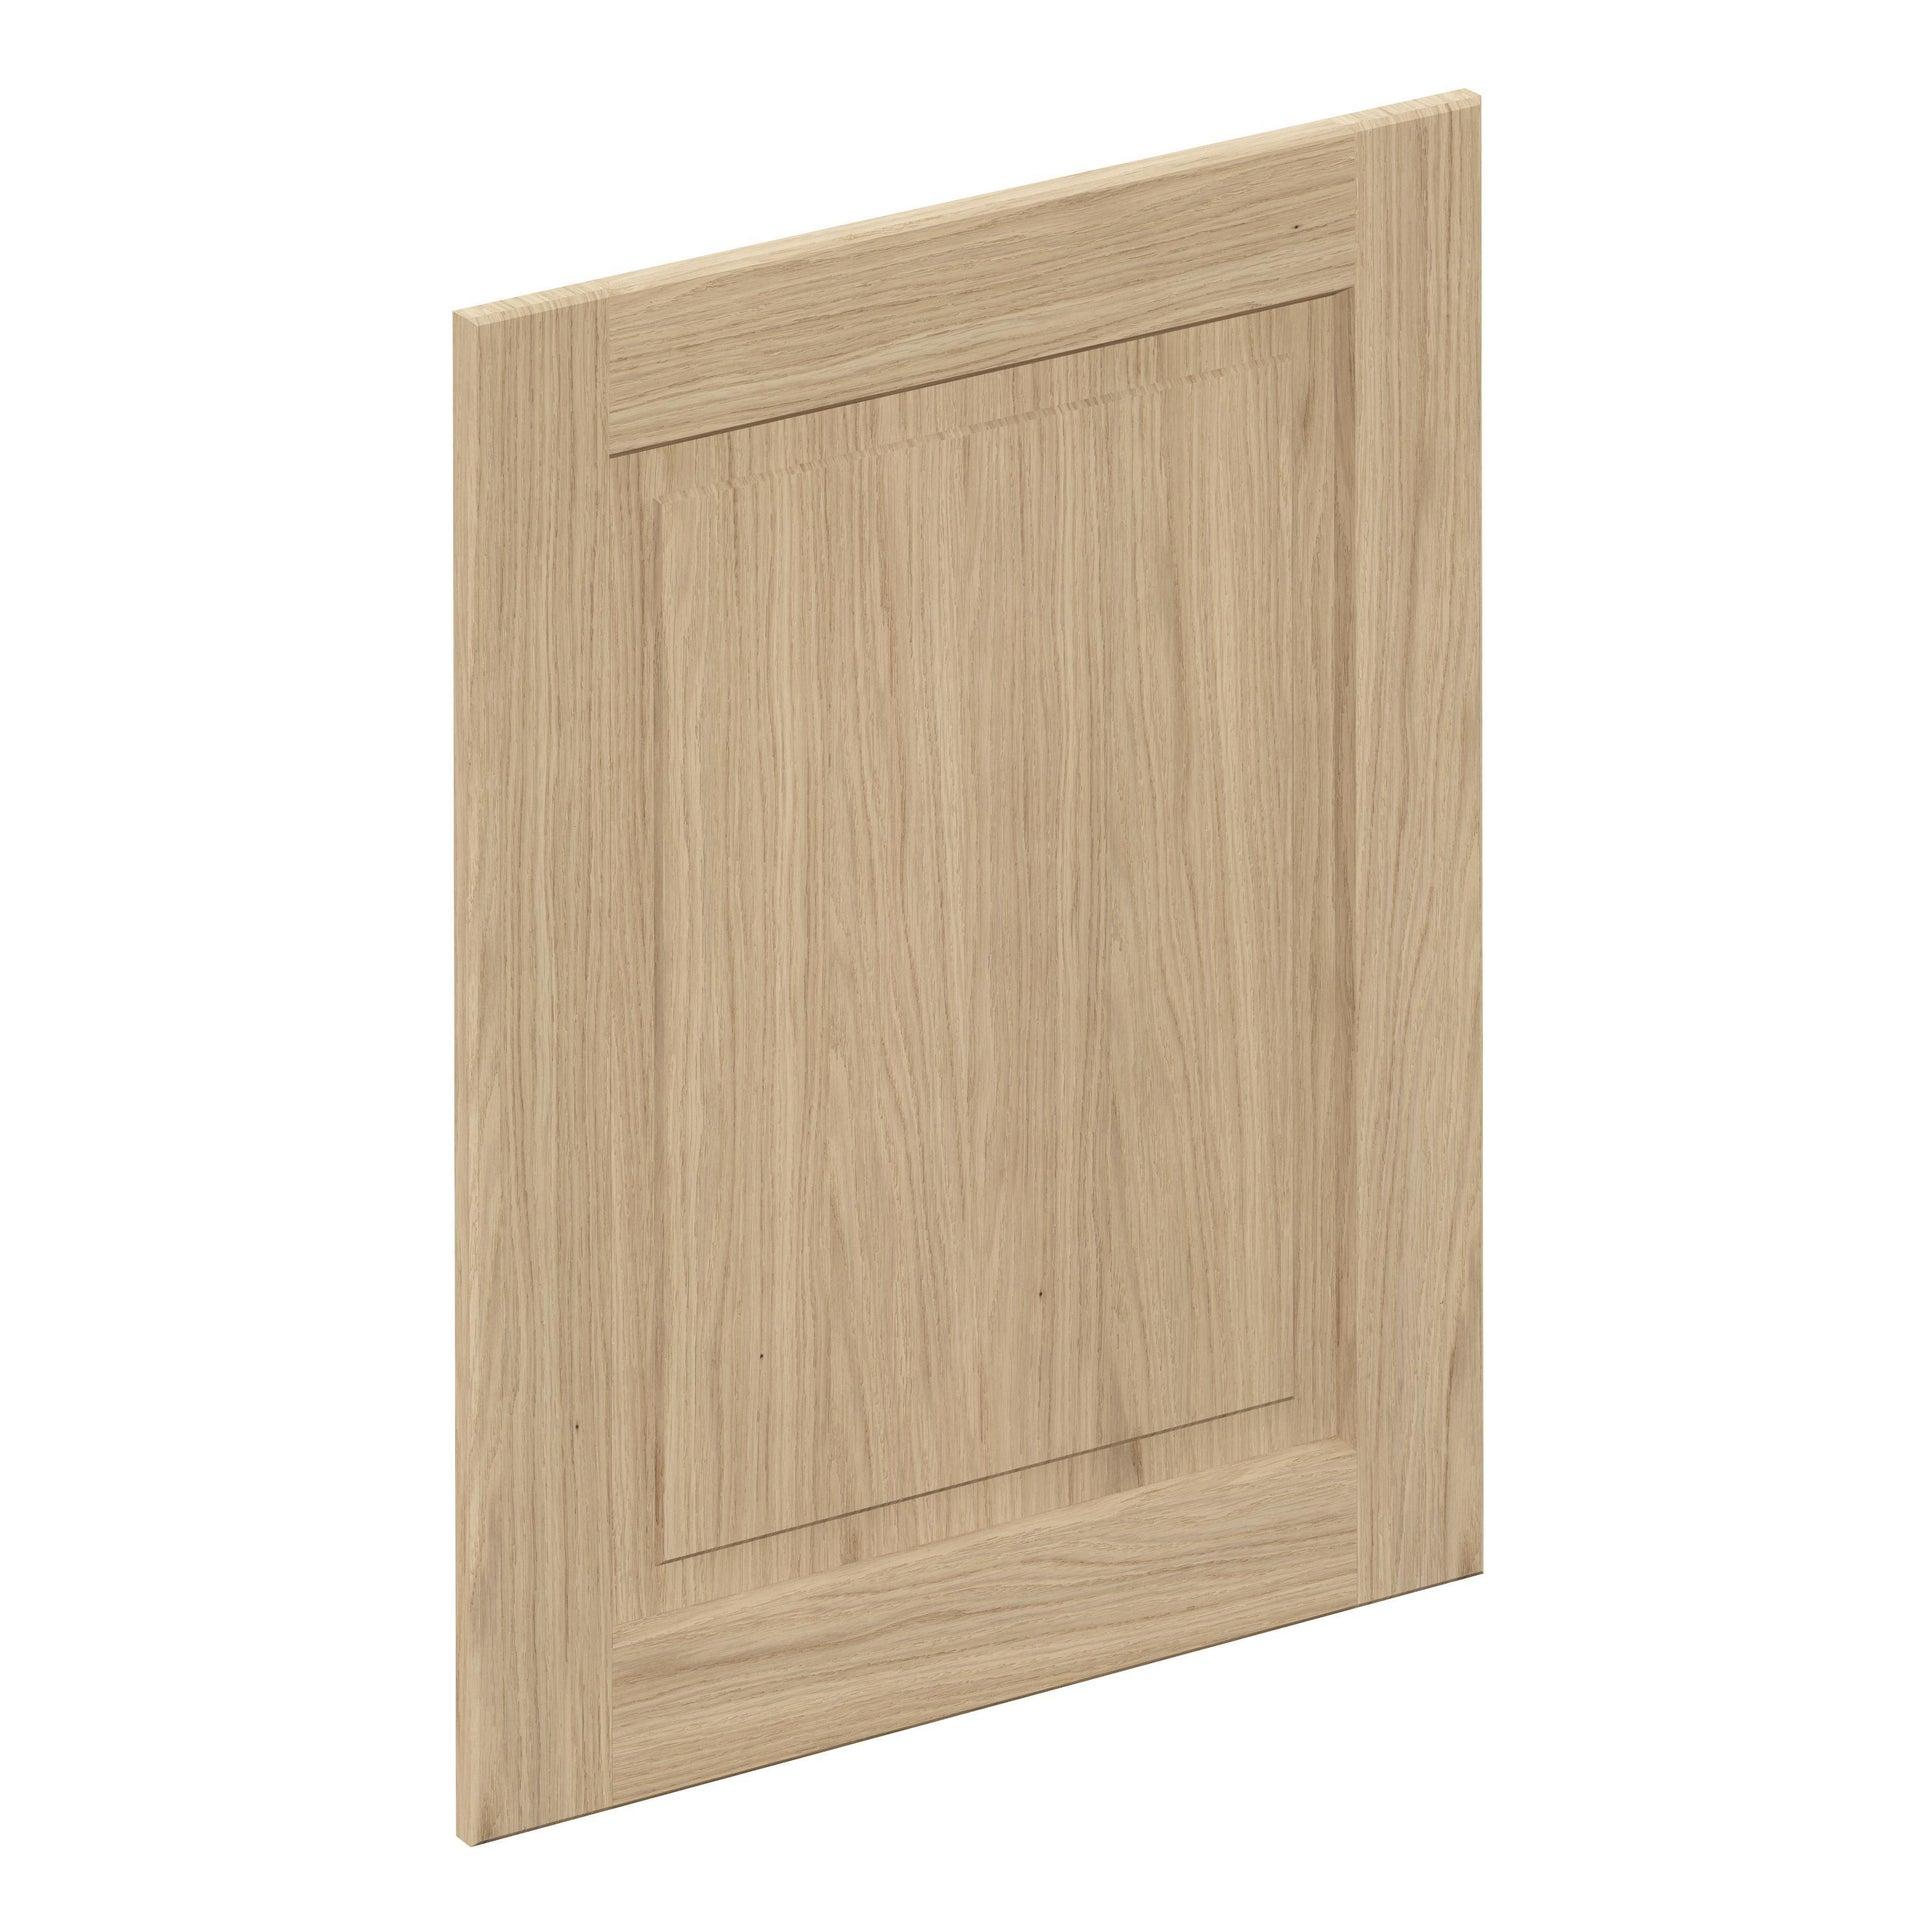 Porta dell'armadio da cucina DELINIA ID Praga 59.7 x 76.5 rovere chiaro - 1